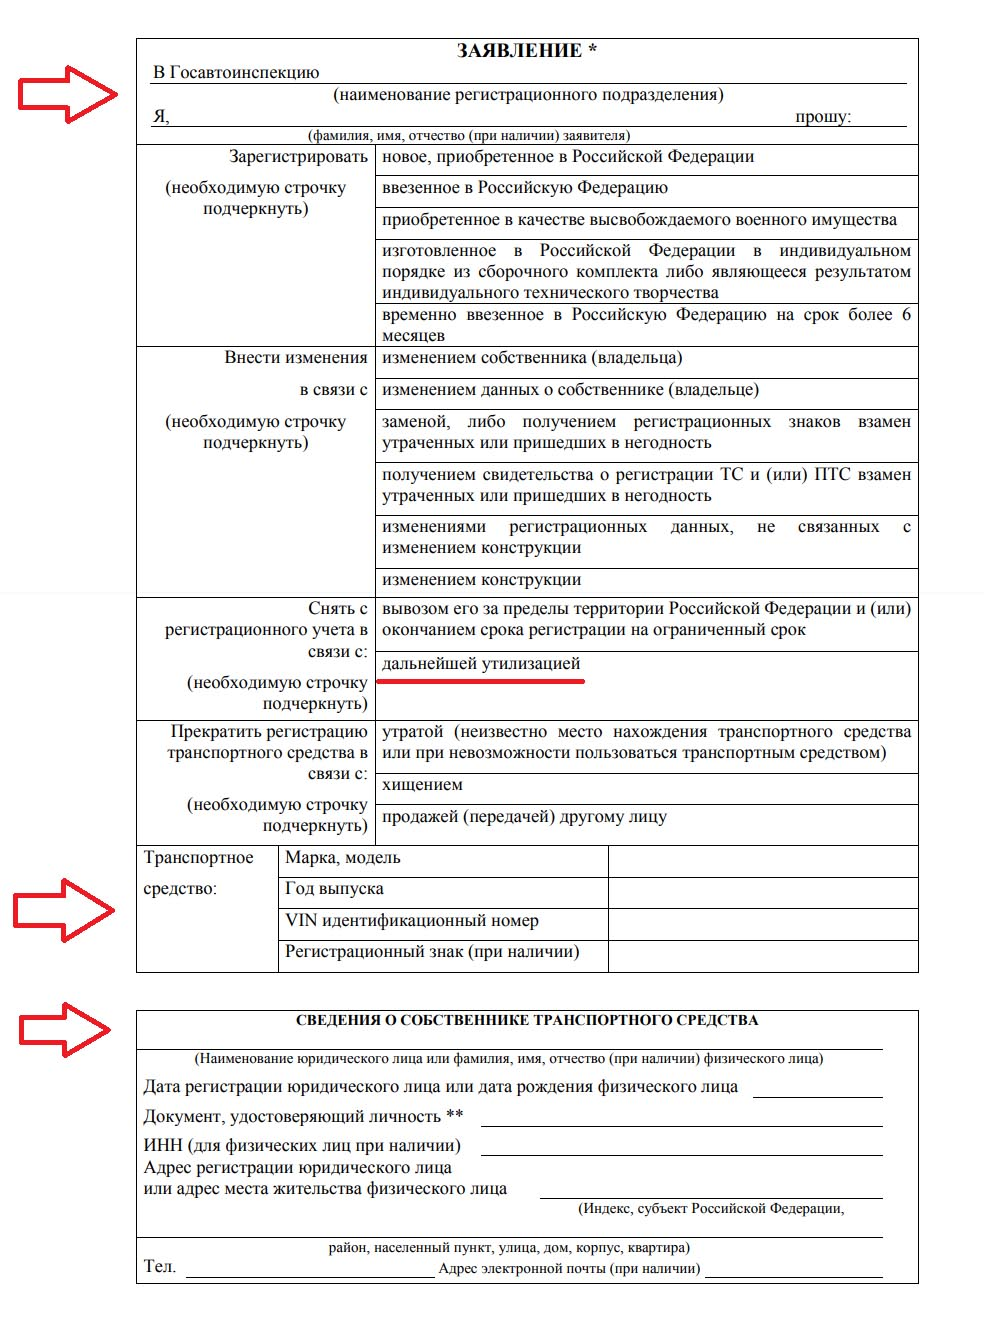 Госавтоинспекция: Направление обращения 6